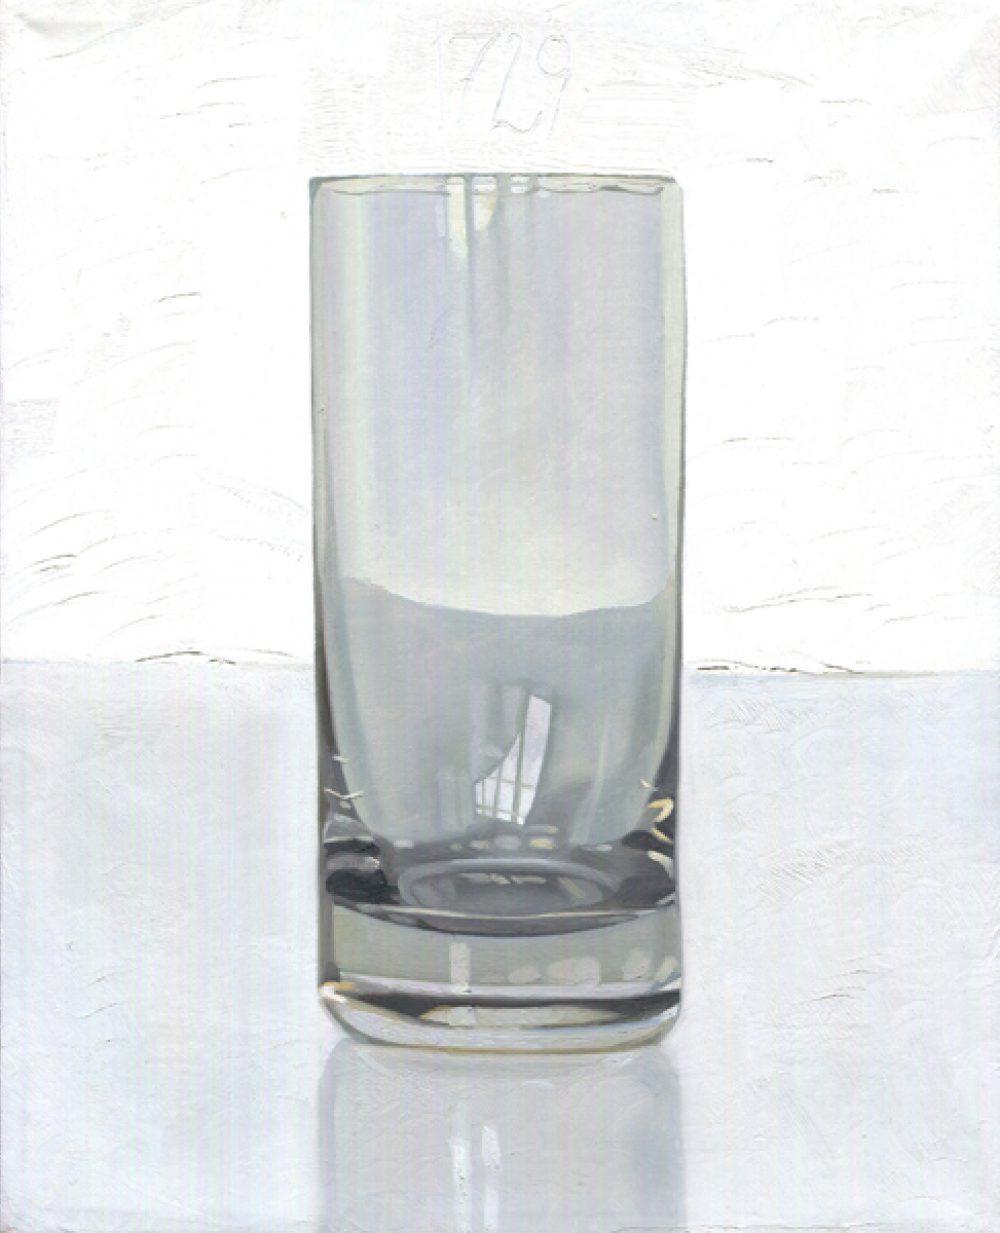 Tag um Tag guter Tag (Tagglas 1729), 2002. Öl auf Leinwand. 25 x 20 cm